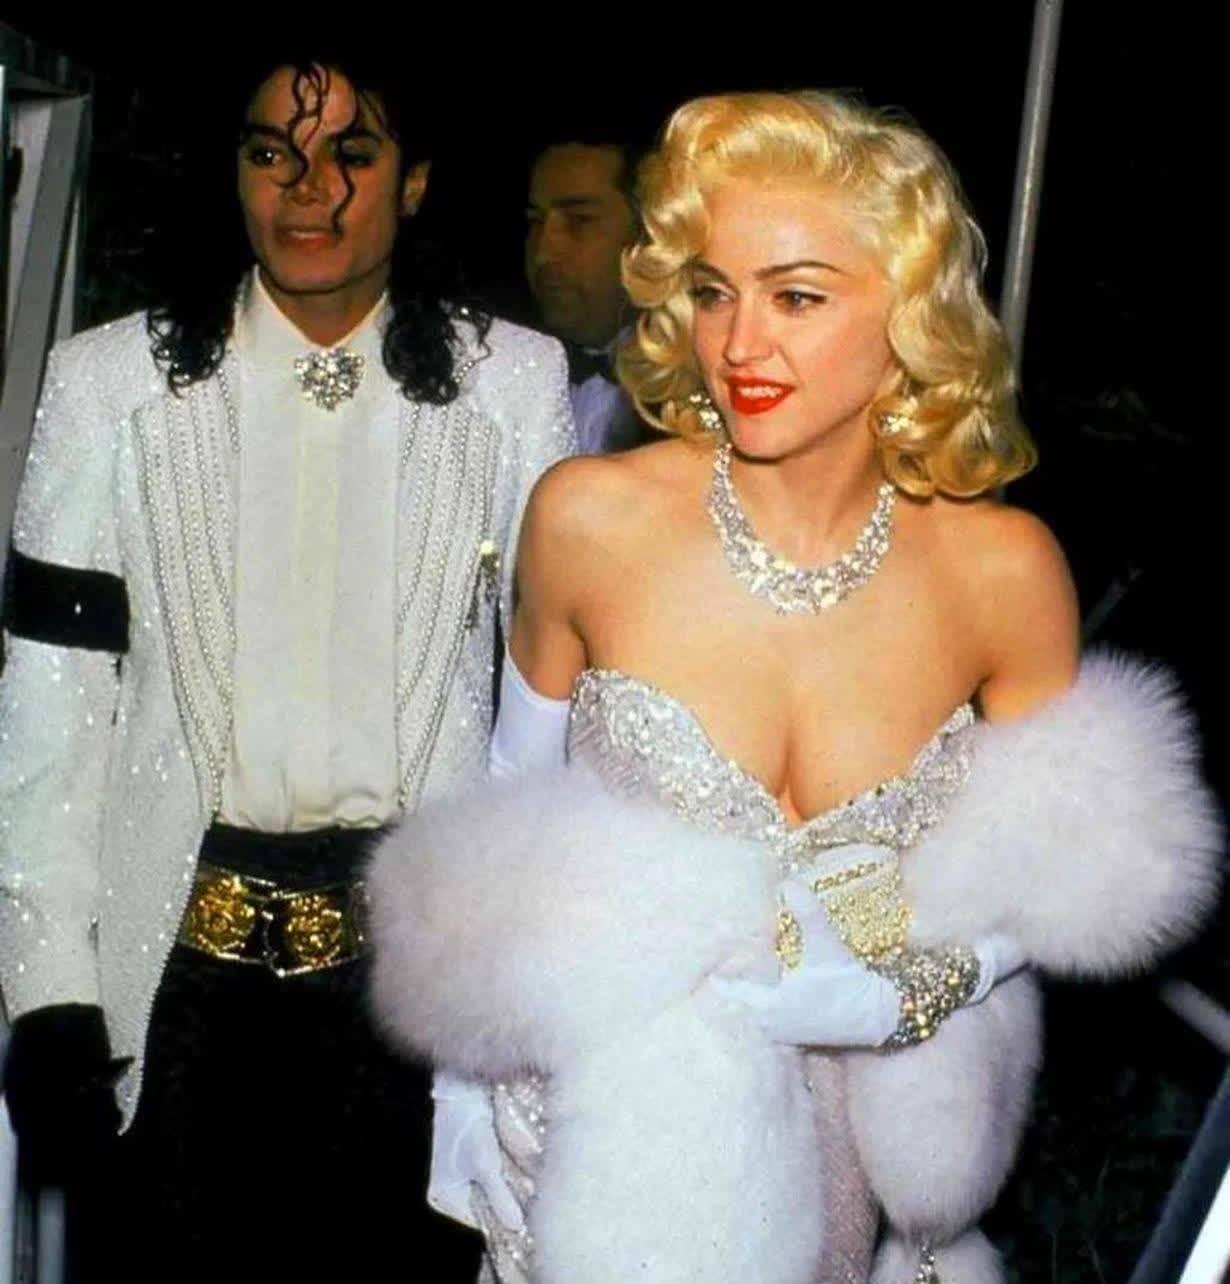 惊人的时间!有多少明星和迈克尔·杰克逊拍过照?图九是刘德华